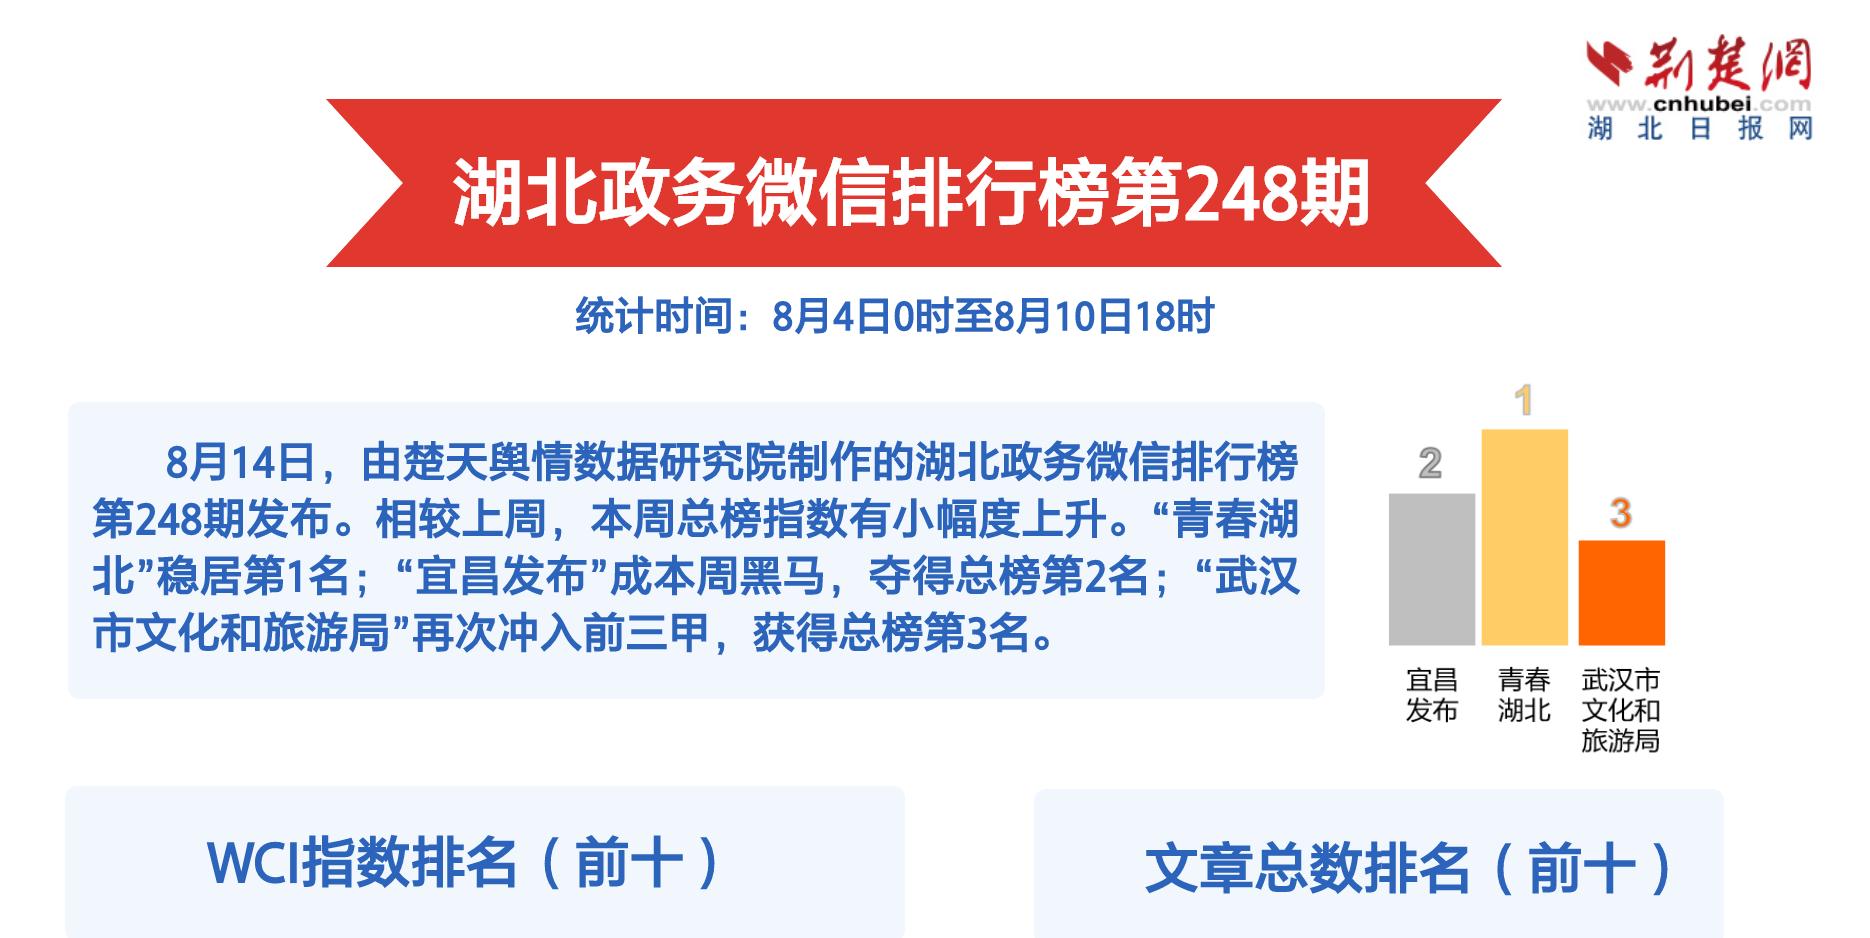 湖北政务微信排行榜第248期 惠民活动助燃乡村旅游节